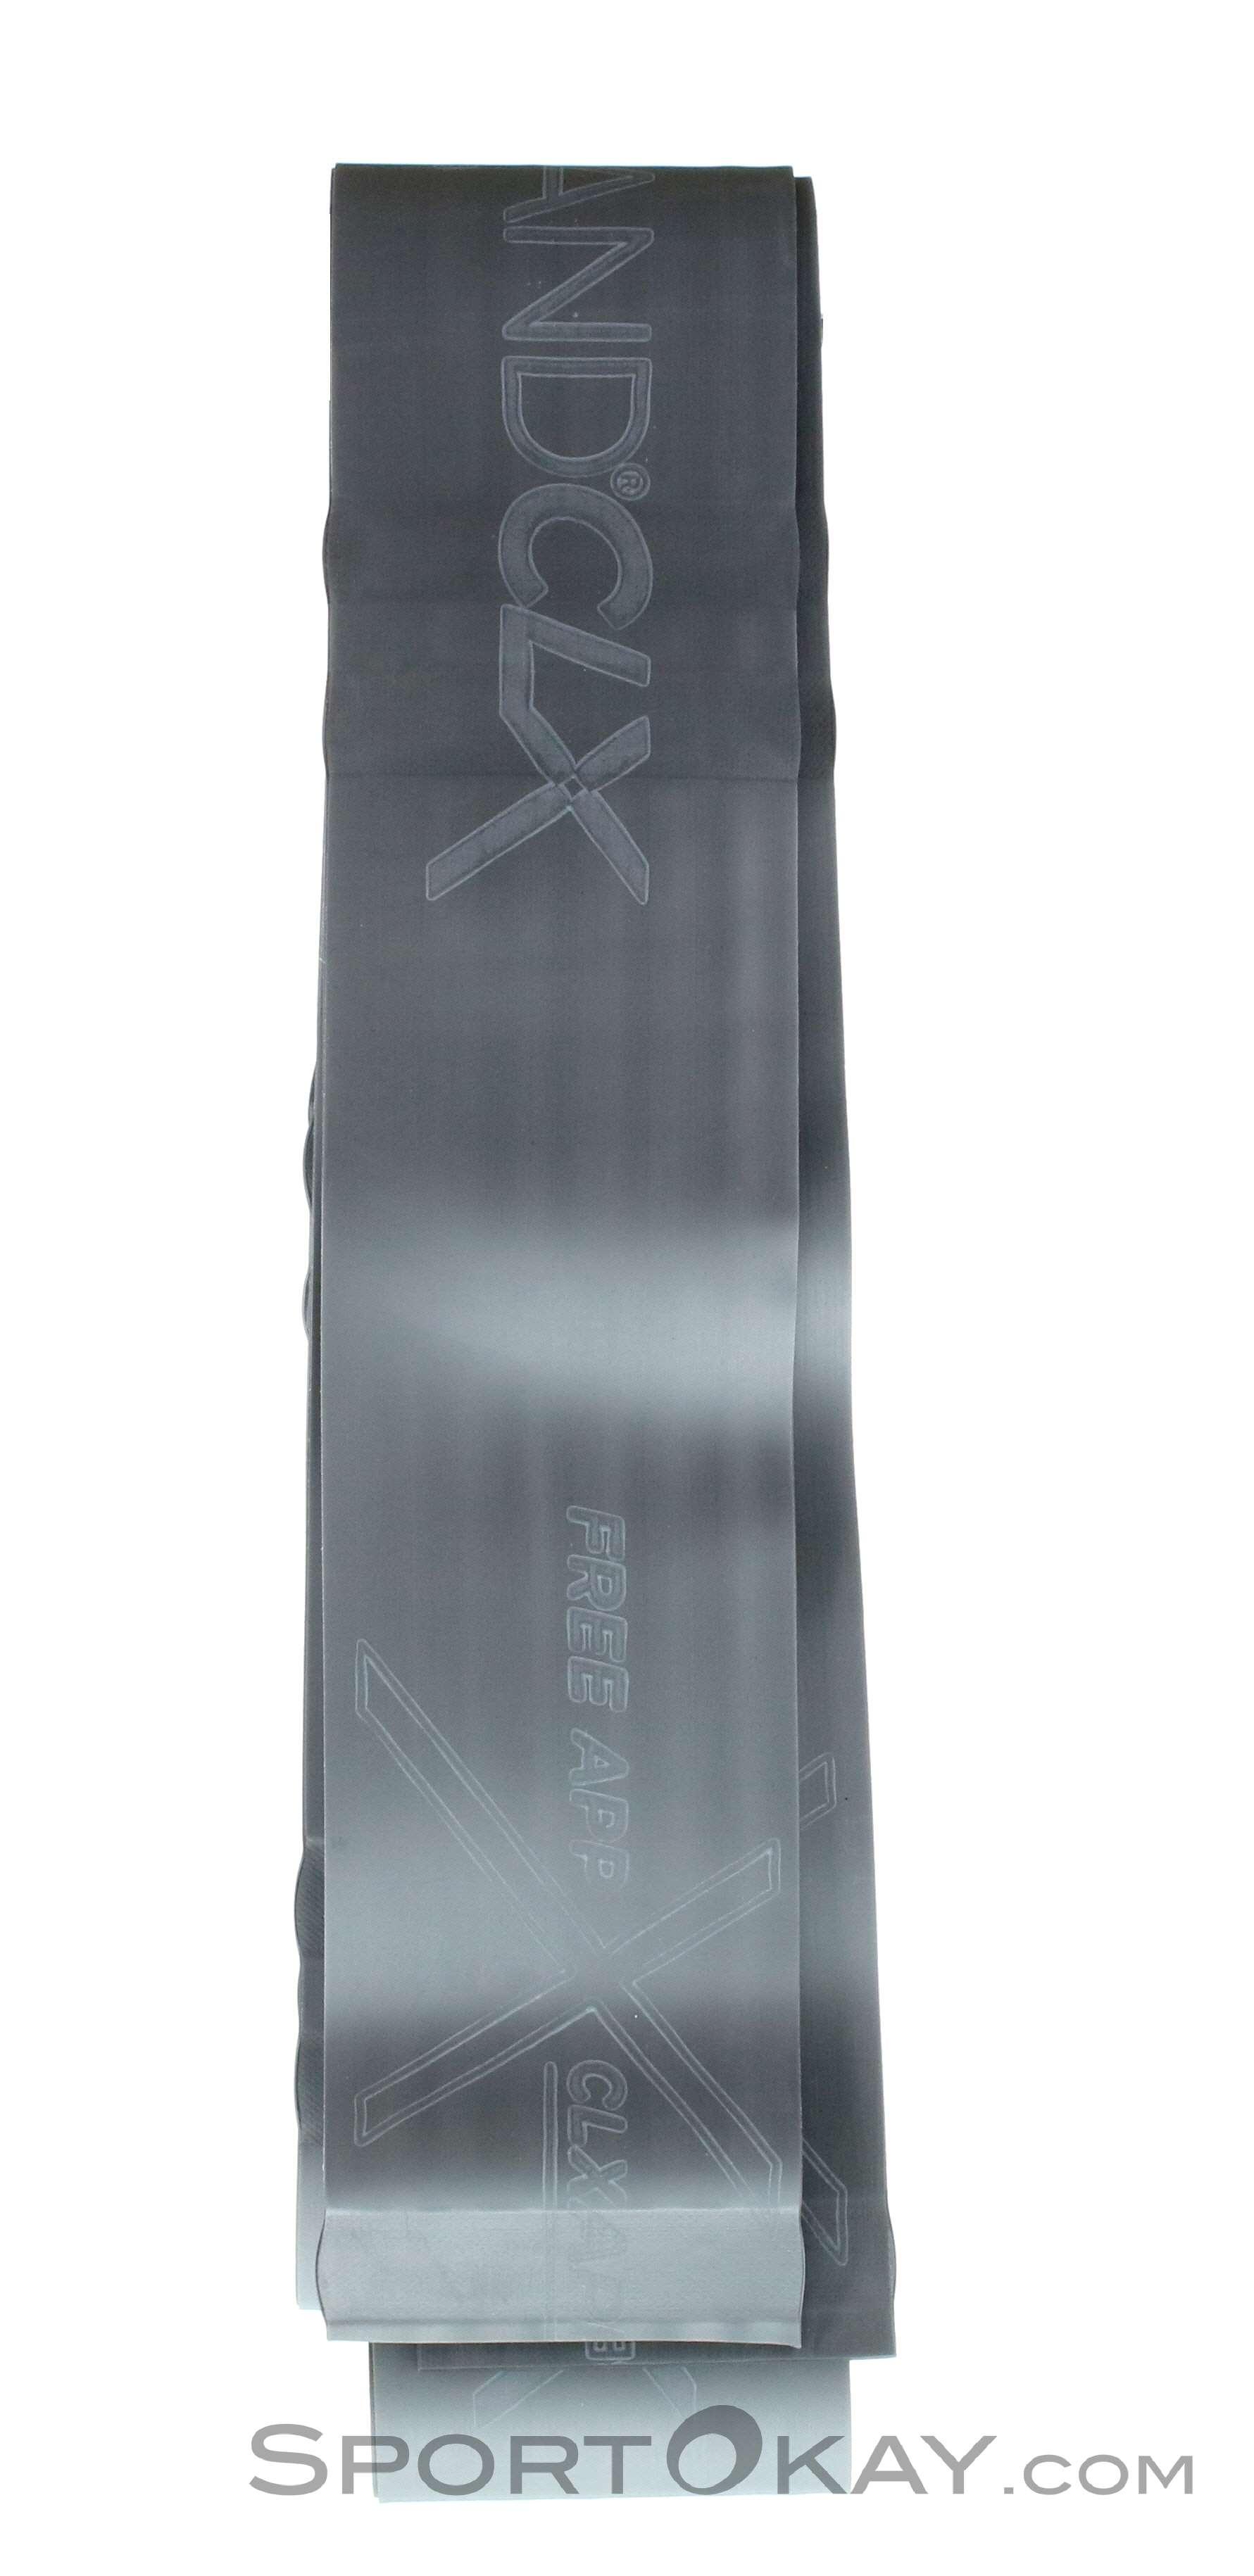 Thera Band CLX 11 Loops Fitnessband, Thera Band, Grau, , Herren, 0275-10014, 5637551146, 087453132243, N1-01.jpg